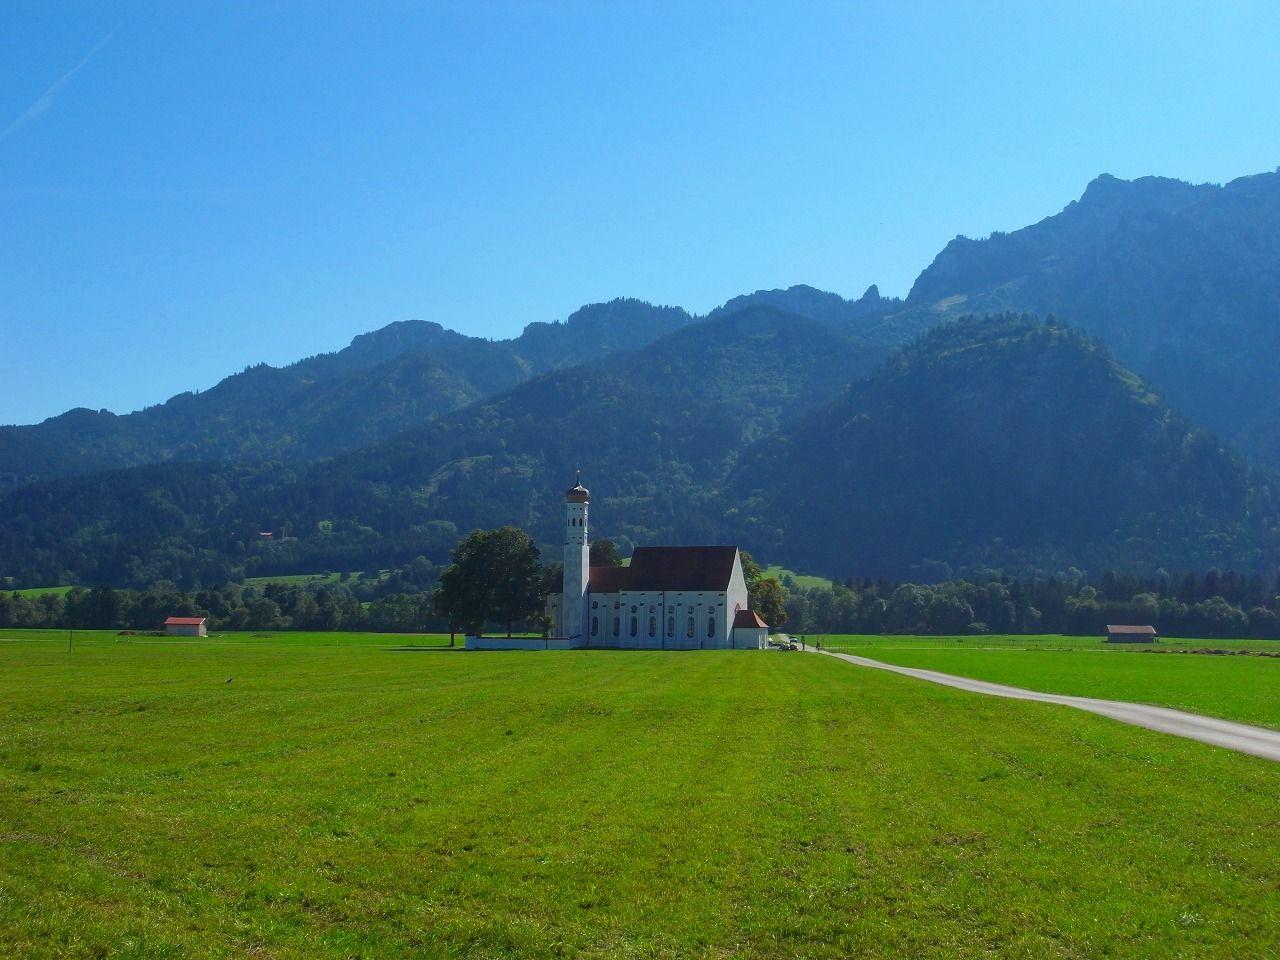 目の前に広がる大草原!シュヴァンガウの村を自転車で走ろう